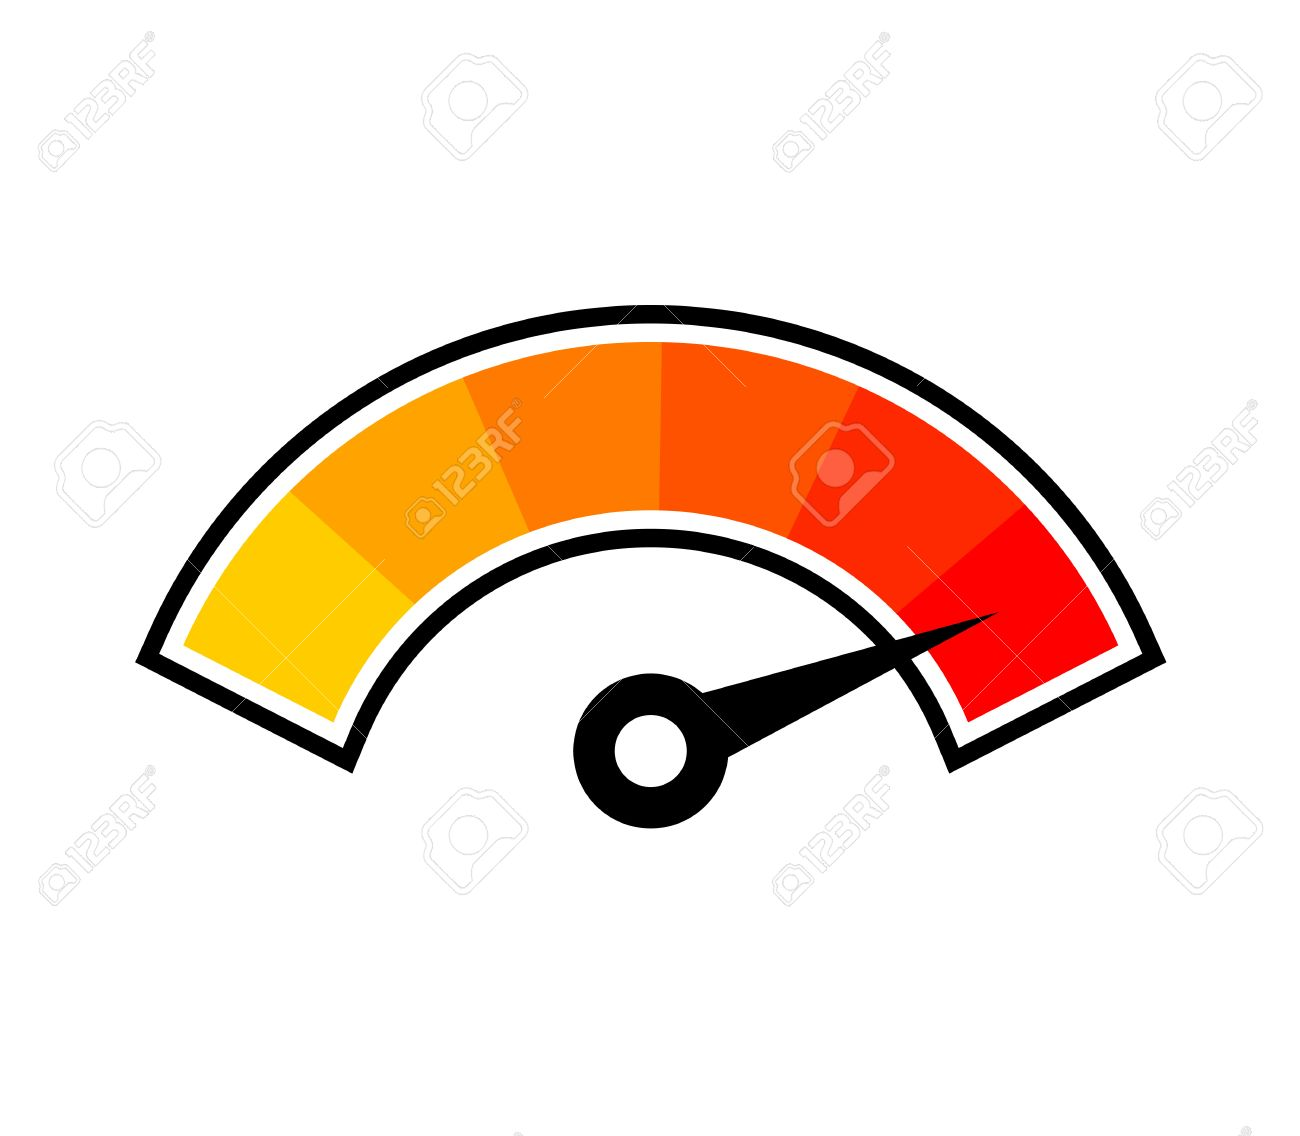 hot temperature symbol - 53859631